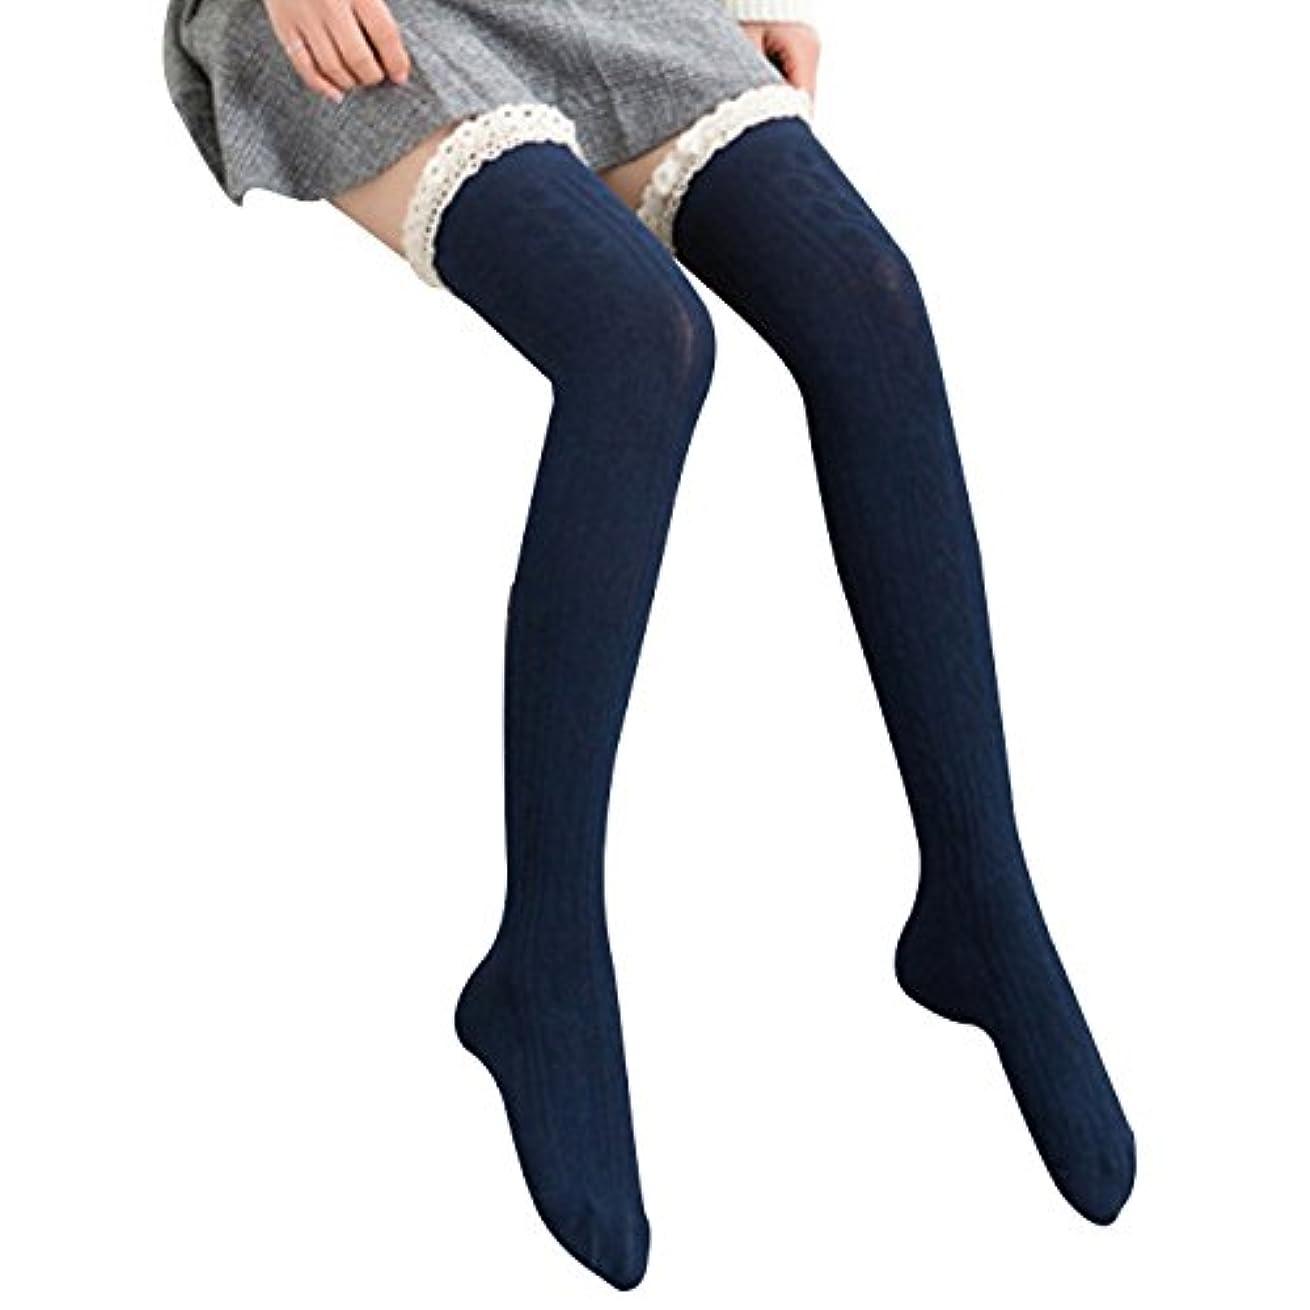 幅ソブリケット蛾オーバーニーソックス 美脚 着圧 スッキリ サイハイソックス ニーハイ ストッキング ロングソックス レディース 靴下 かわいい